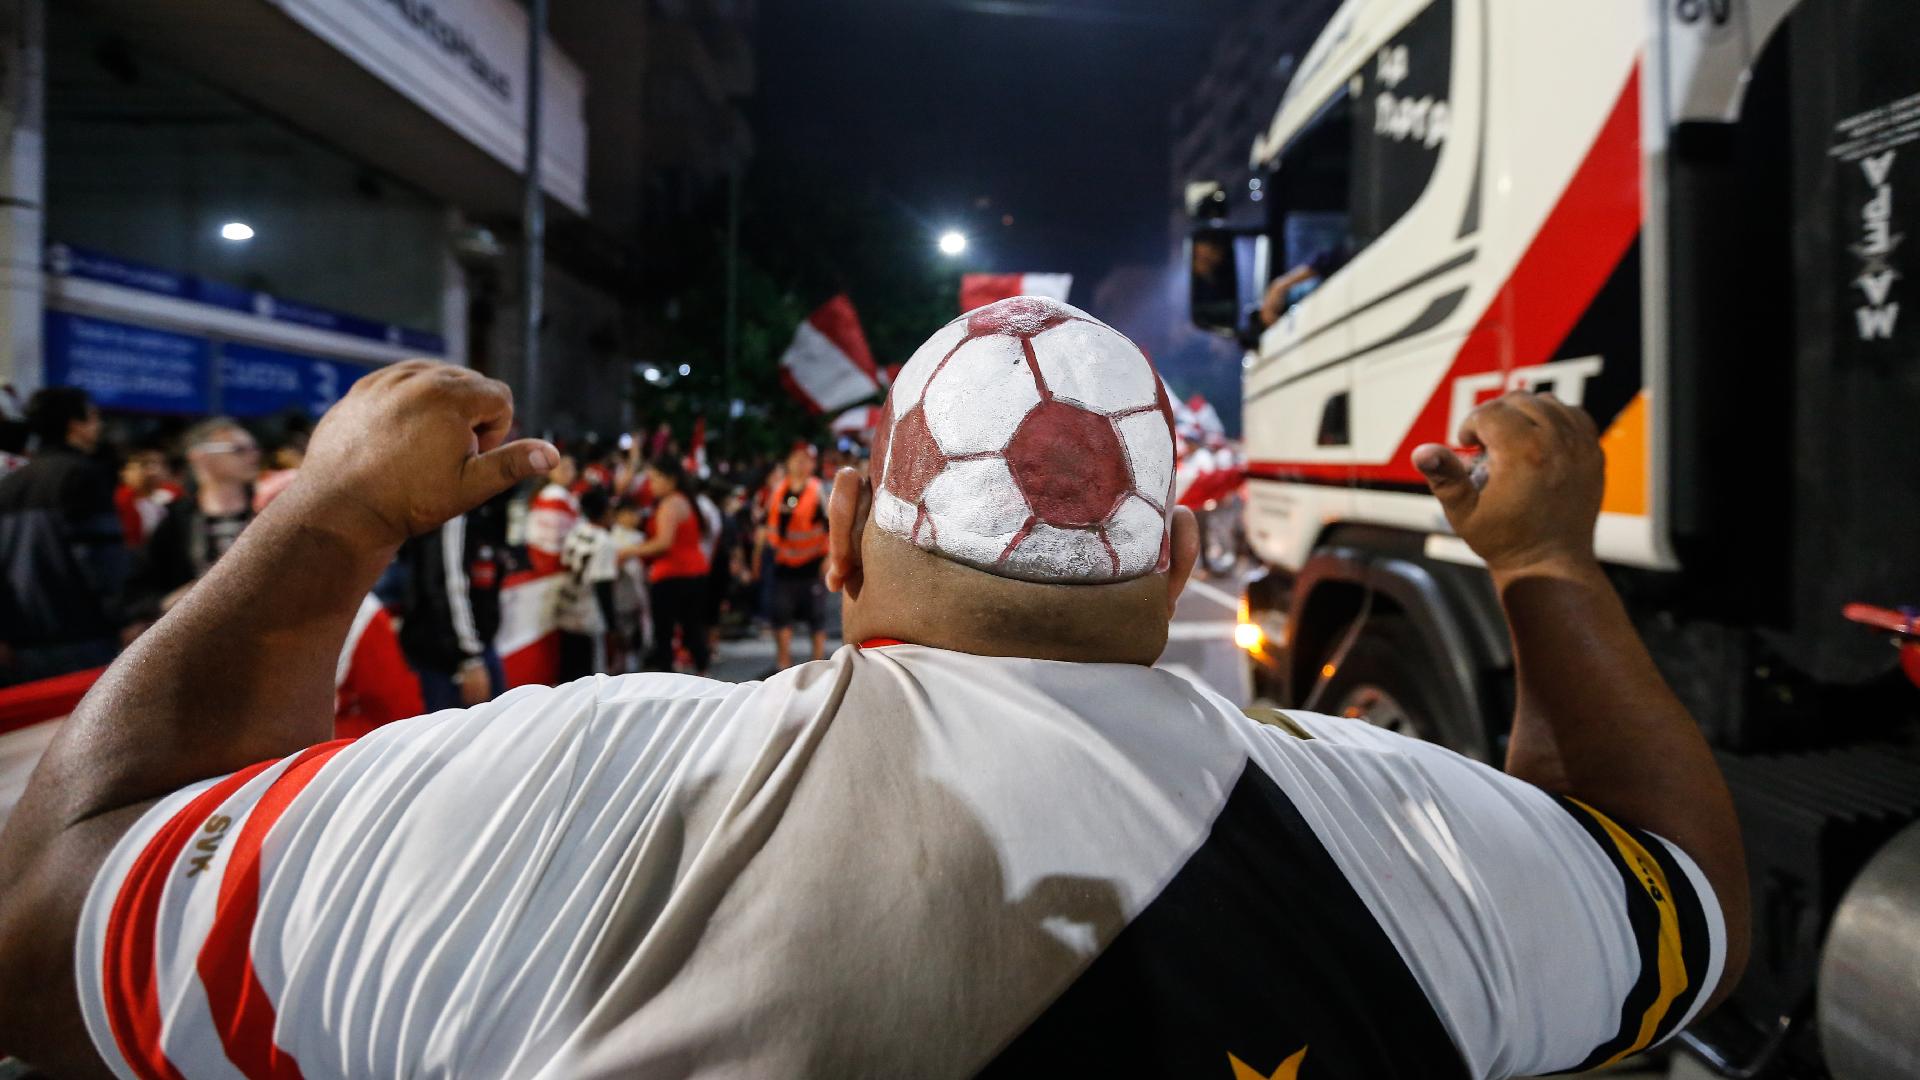 Un hincha se preparó especialmente para disfrutar la vigilia rumbo al nuevo estadio de Estudiantes (Nicolás Aboaf)